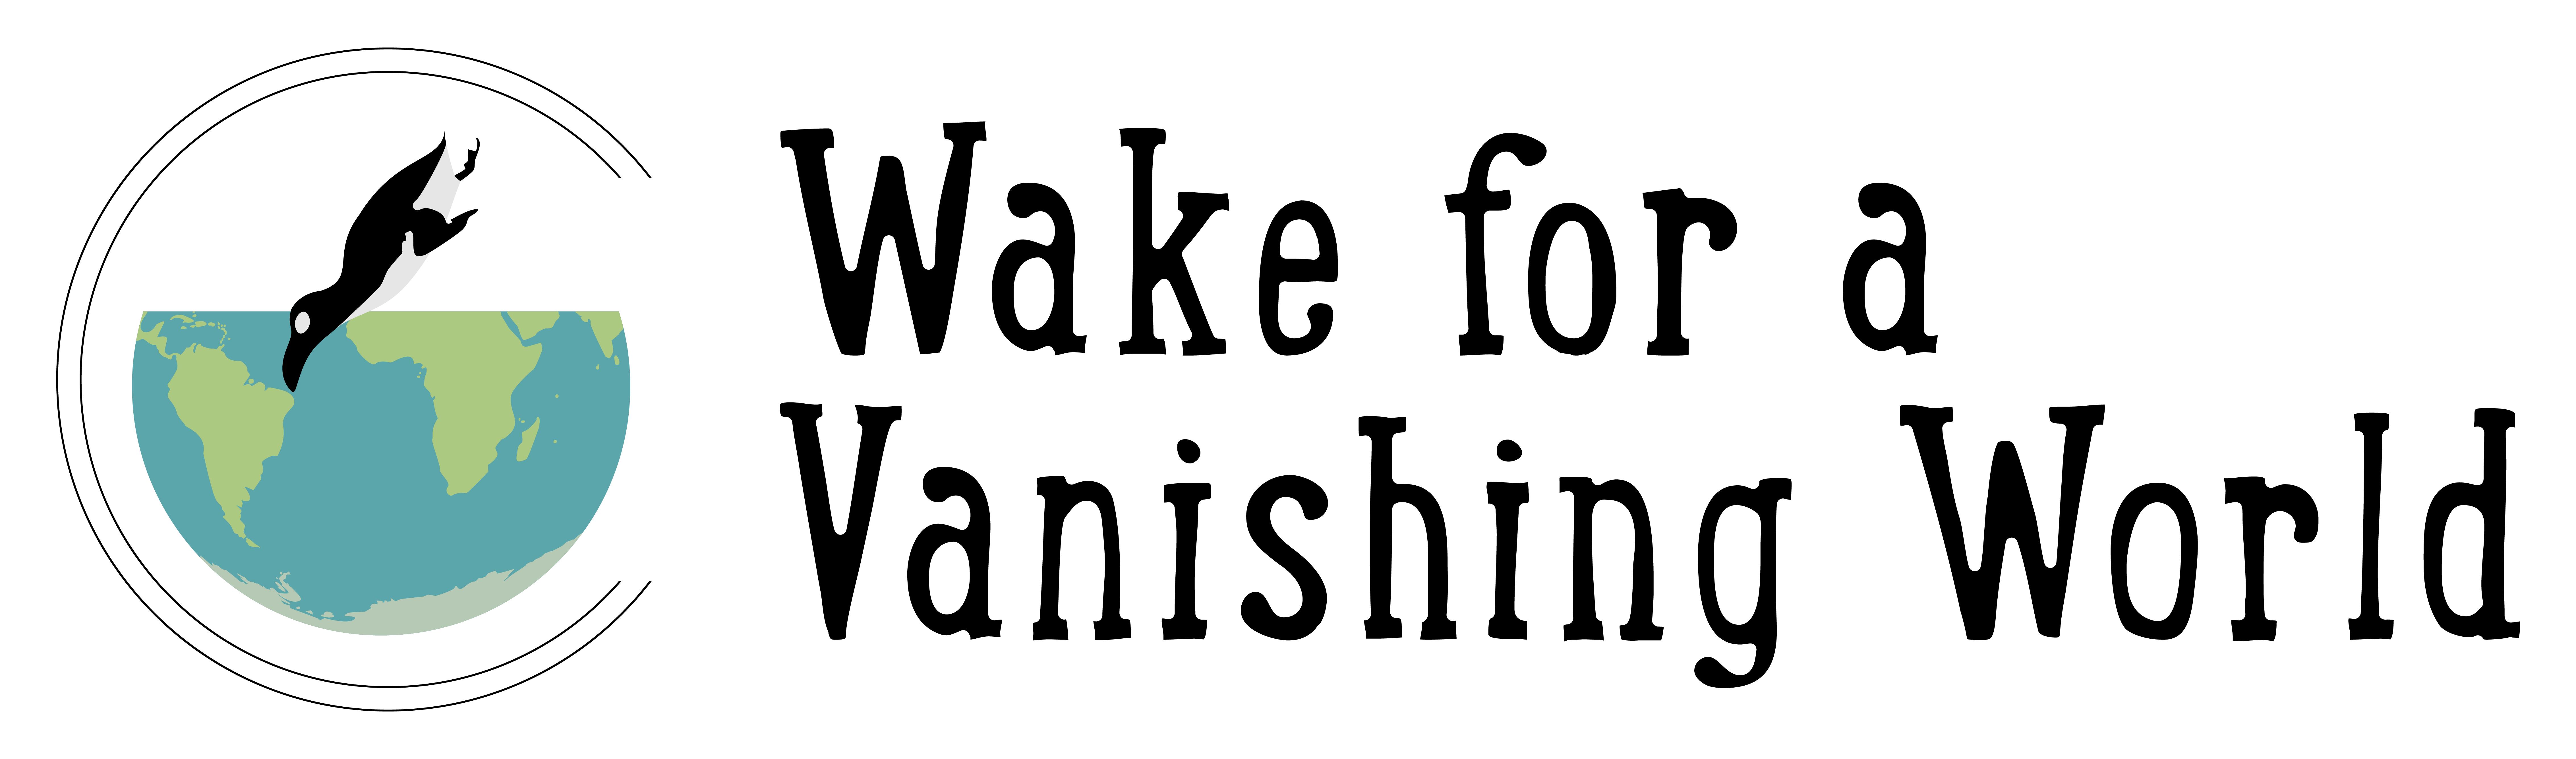 Wake for a vanishing world